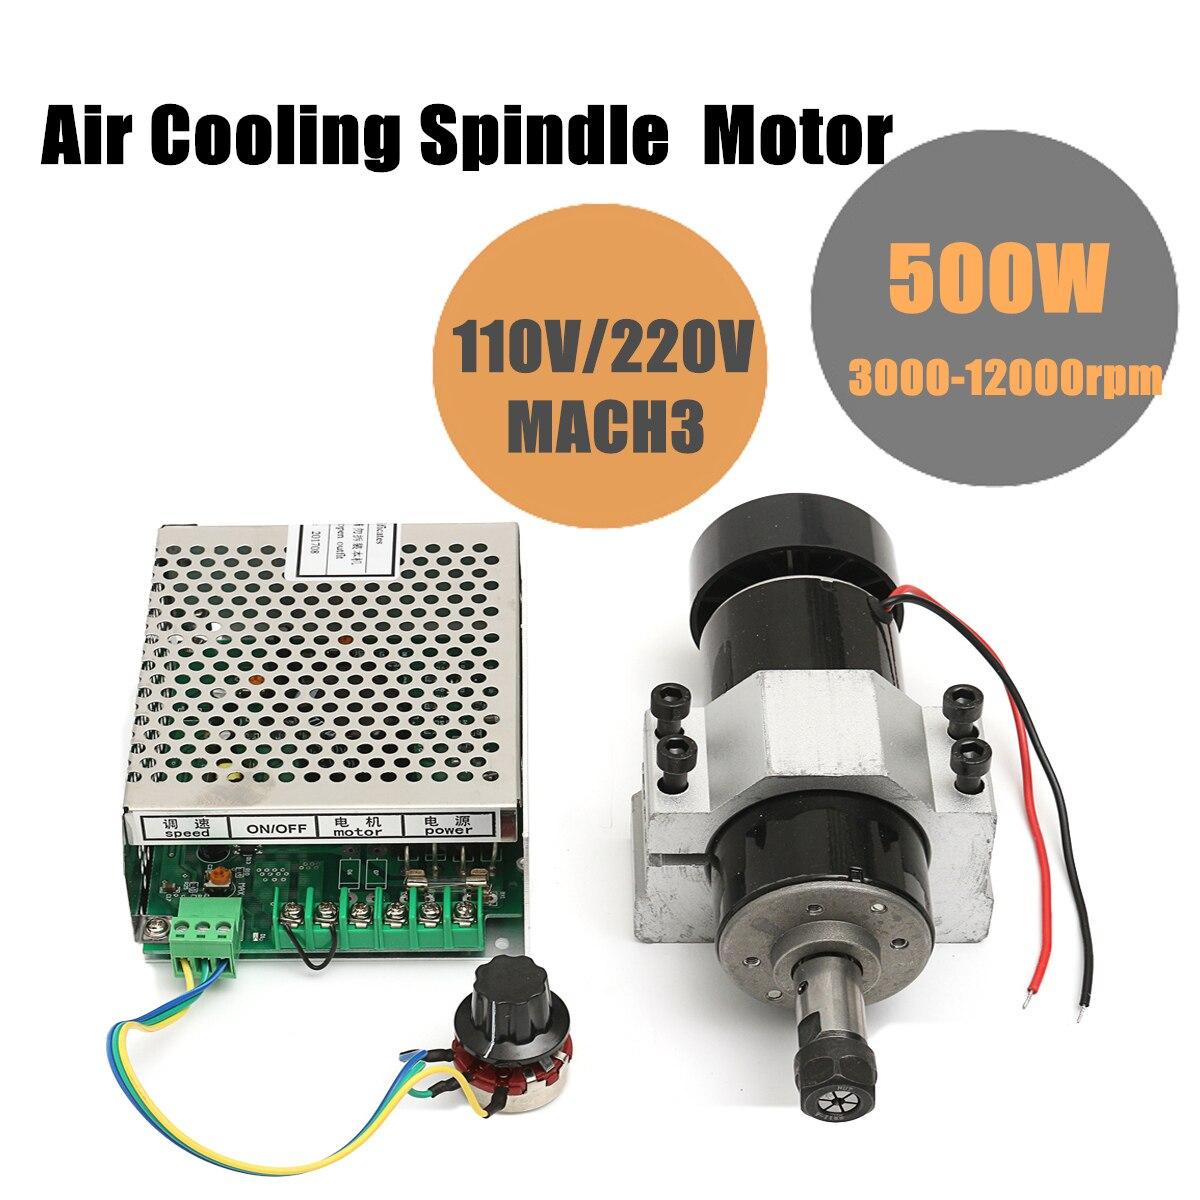 Tout nouveau 1 Set CNC broche 500W refroidi par Air 0.5kw moteur de fraisage avec convertisseur de puissance de vitesse de broche